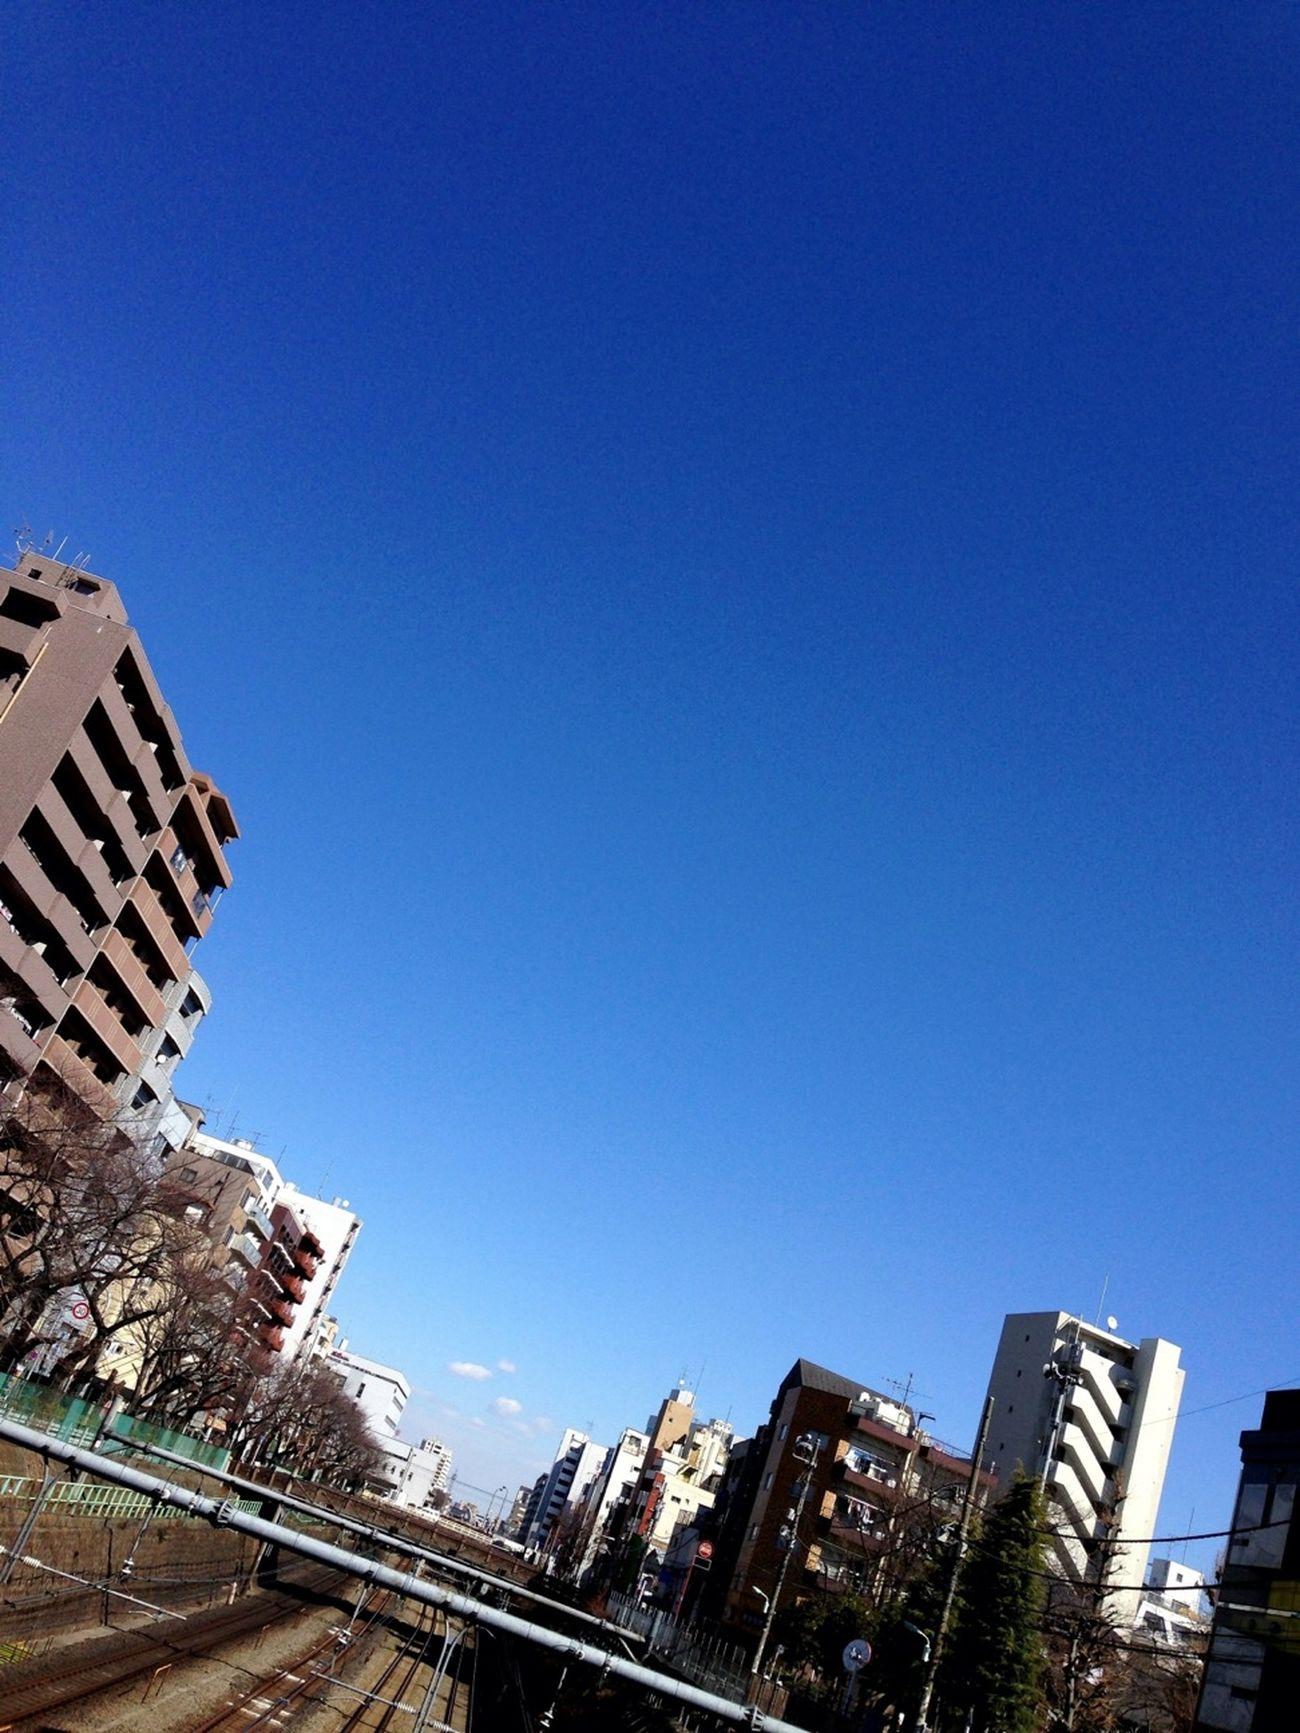 冬の空は、果てが無い。